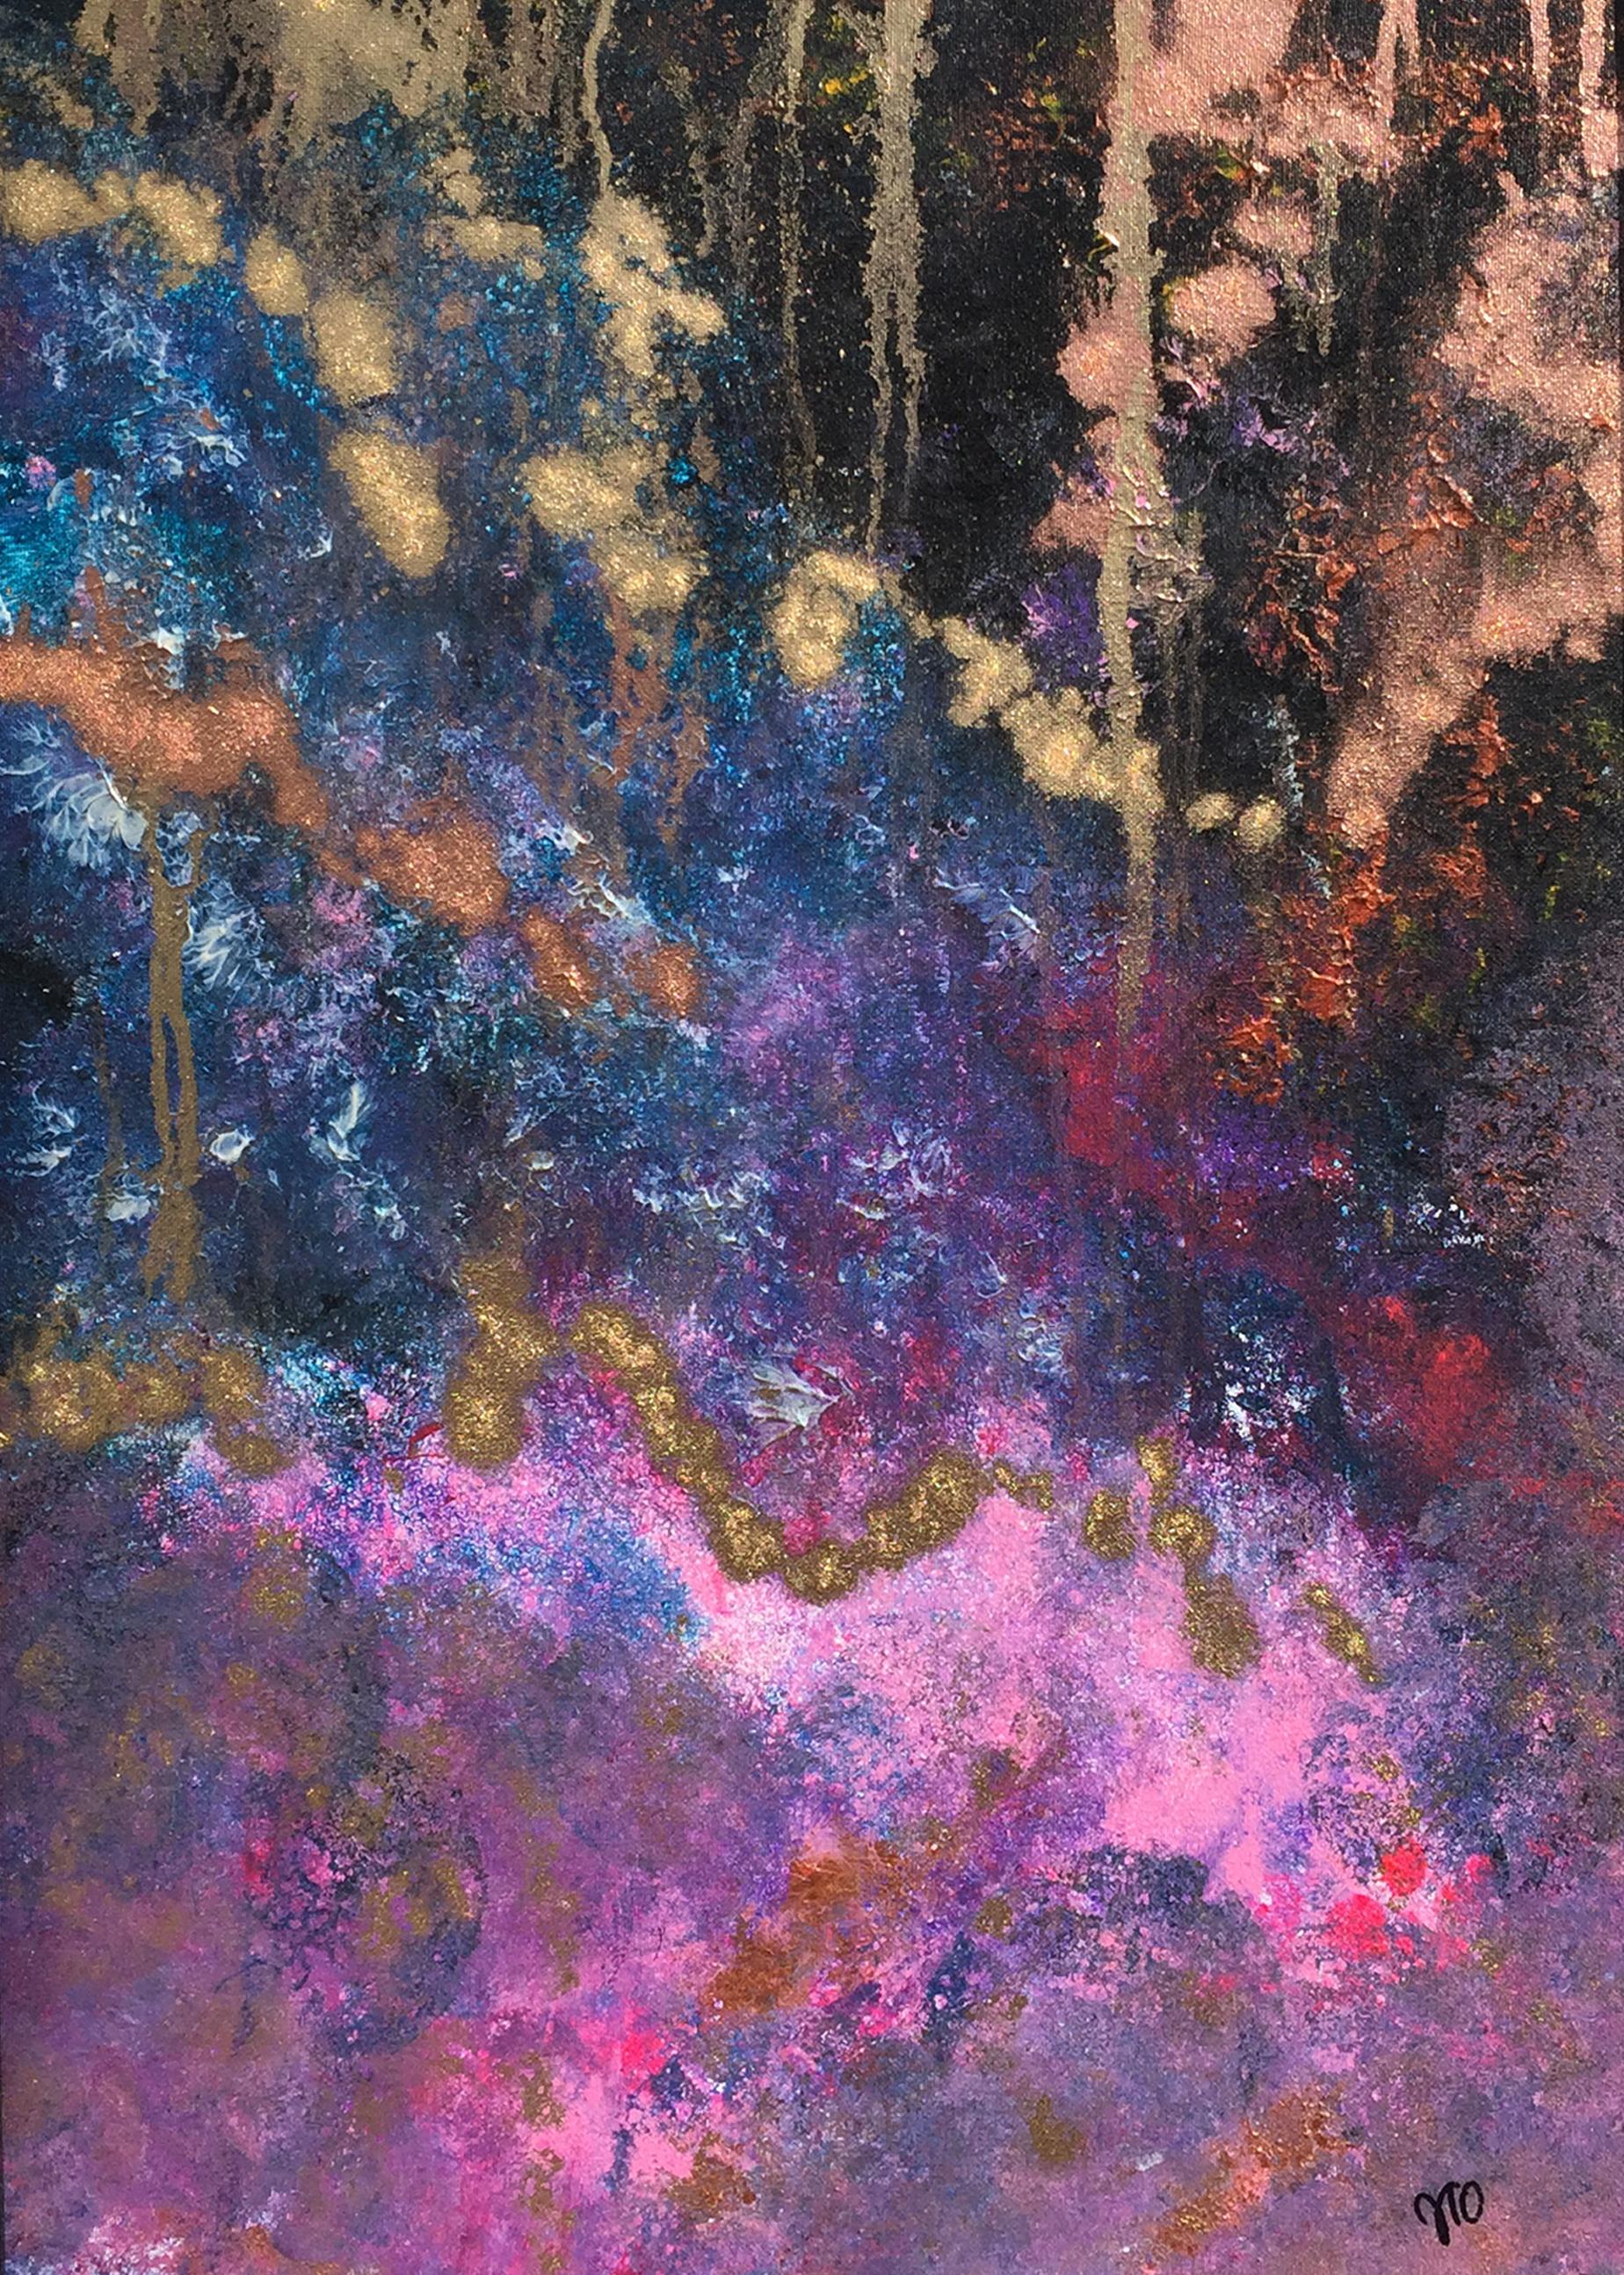 Stardust – Judelia